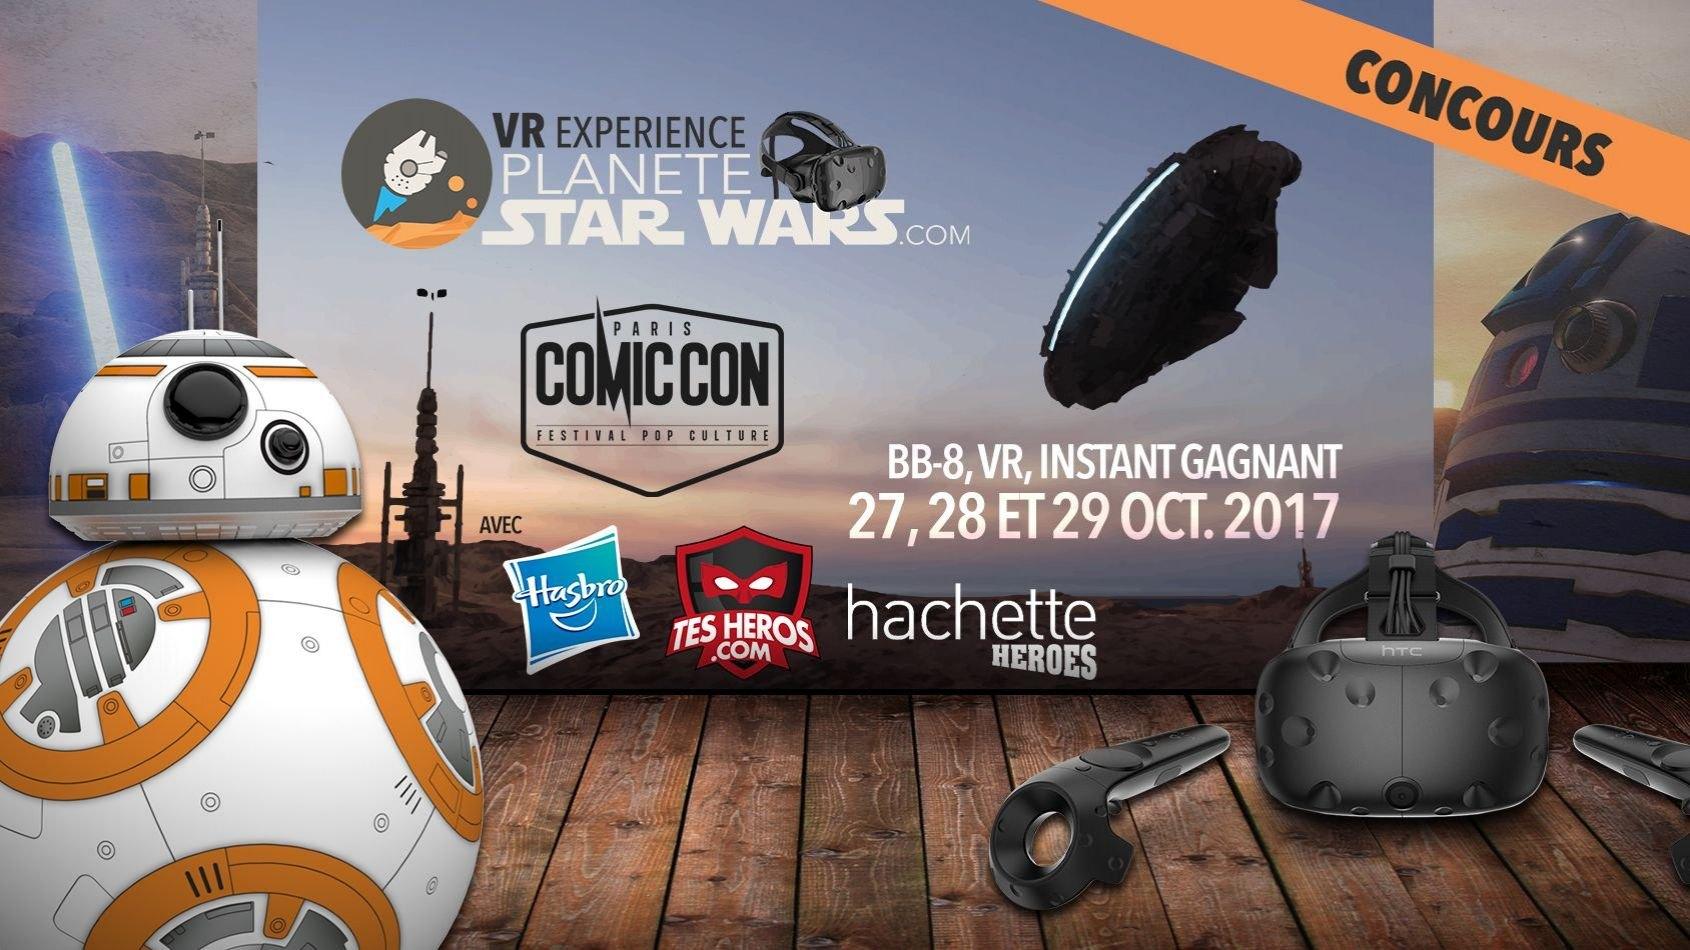 Concours Flash - 10 séances VR Experience Star Wars au Comic Con